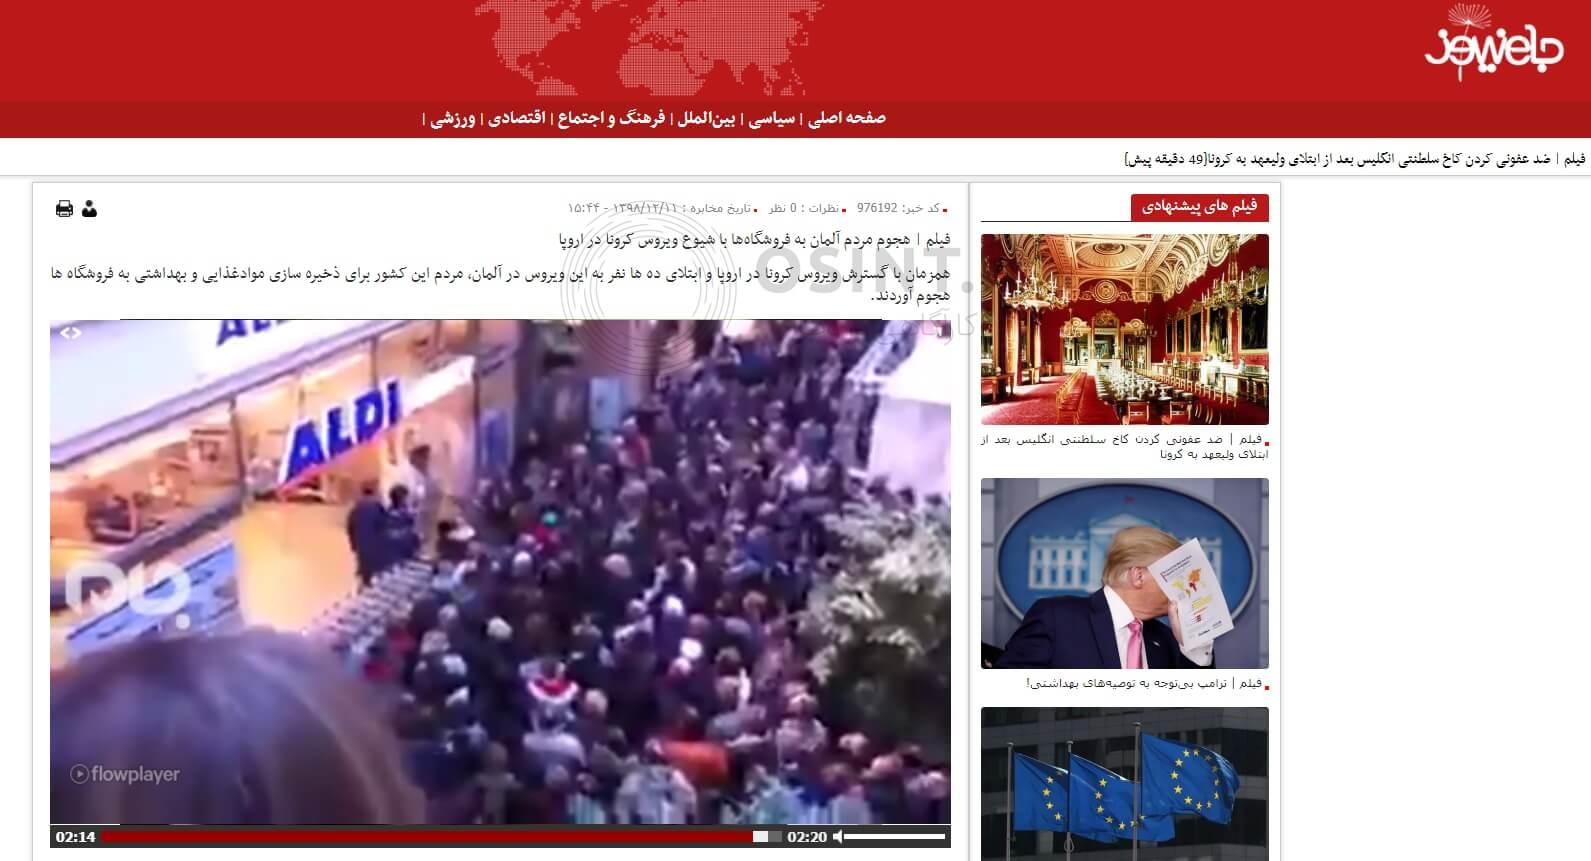 انتشار ویدیو در خبرگزاری جام